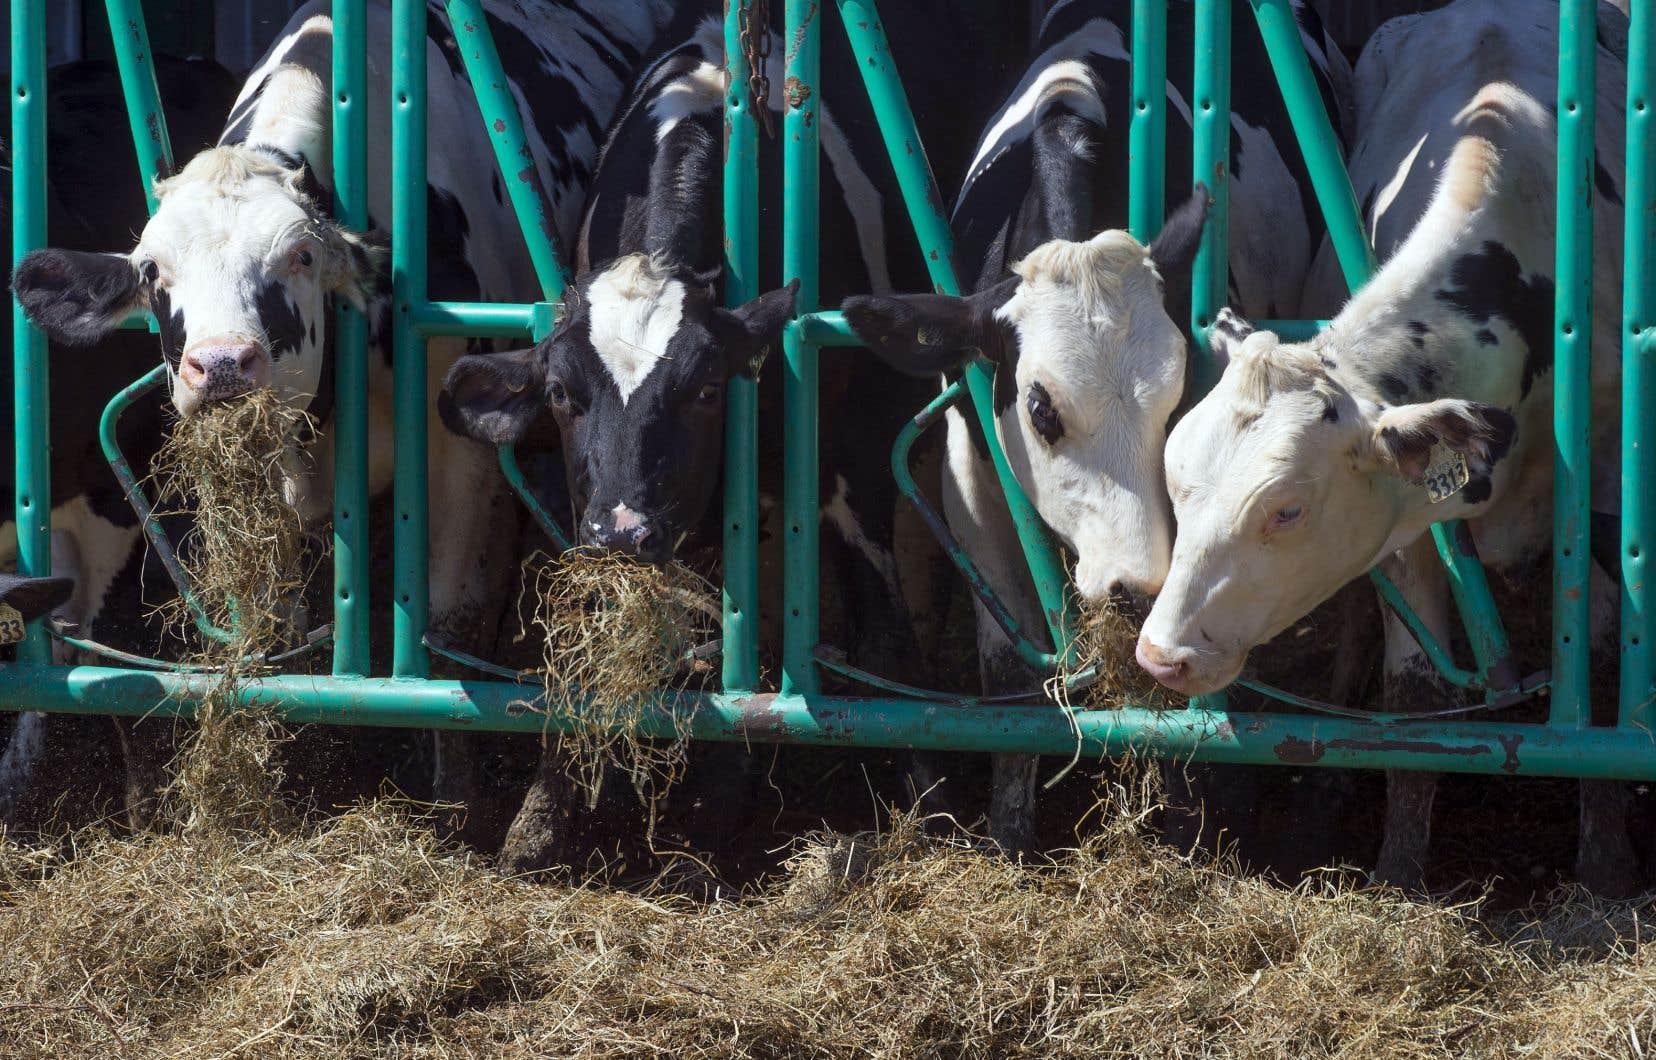 Le premier ministre a assuré aux producteurs laitiers qu'ils seraient indemnisés pour la part de marché que son gouvernement a cédée aux Américains en signant l'Accord États-Unis–Mexique–Canada.